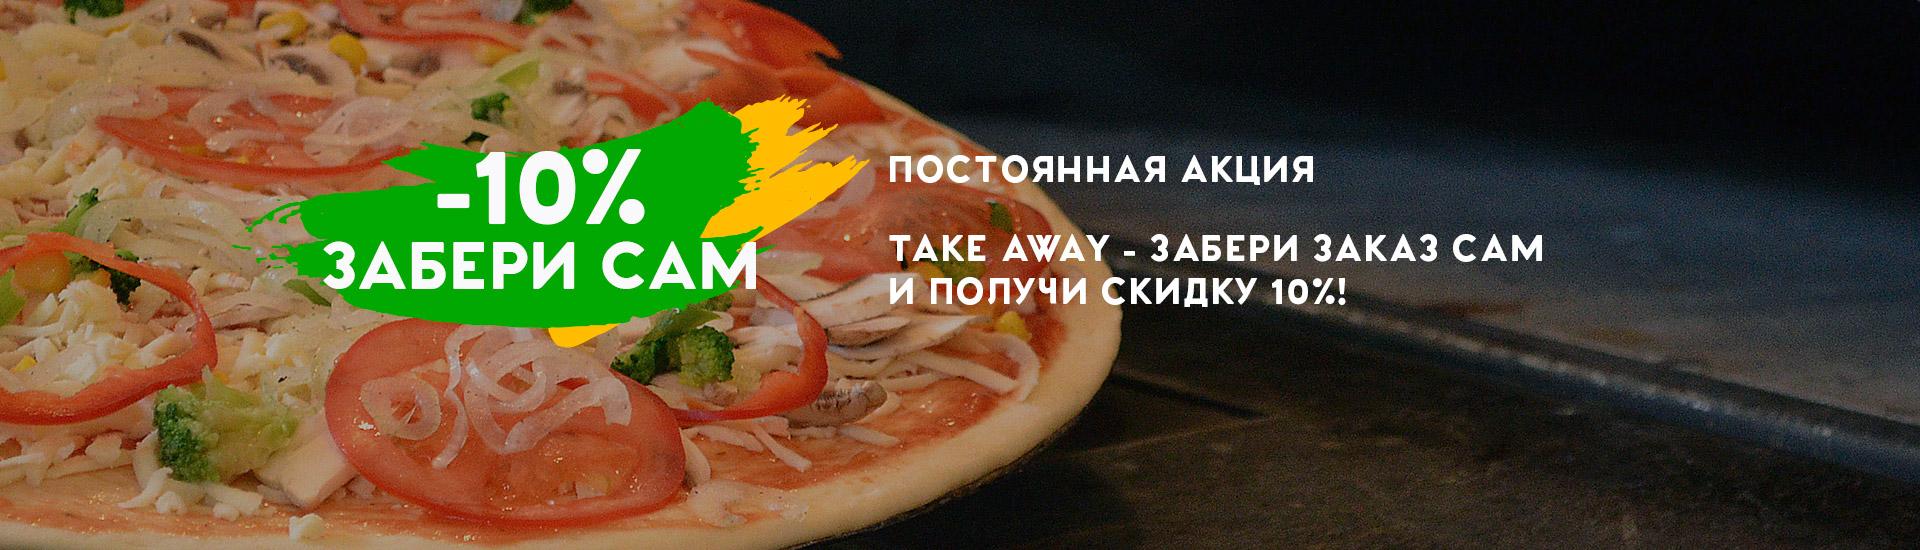 Буча Ирпень забери сам и получи скидку пицца суши бургеры 10%